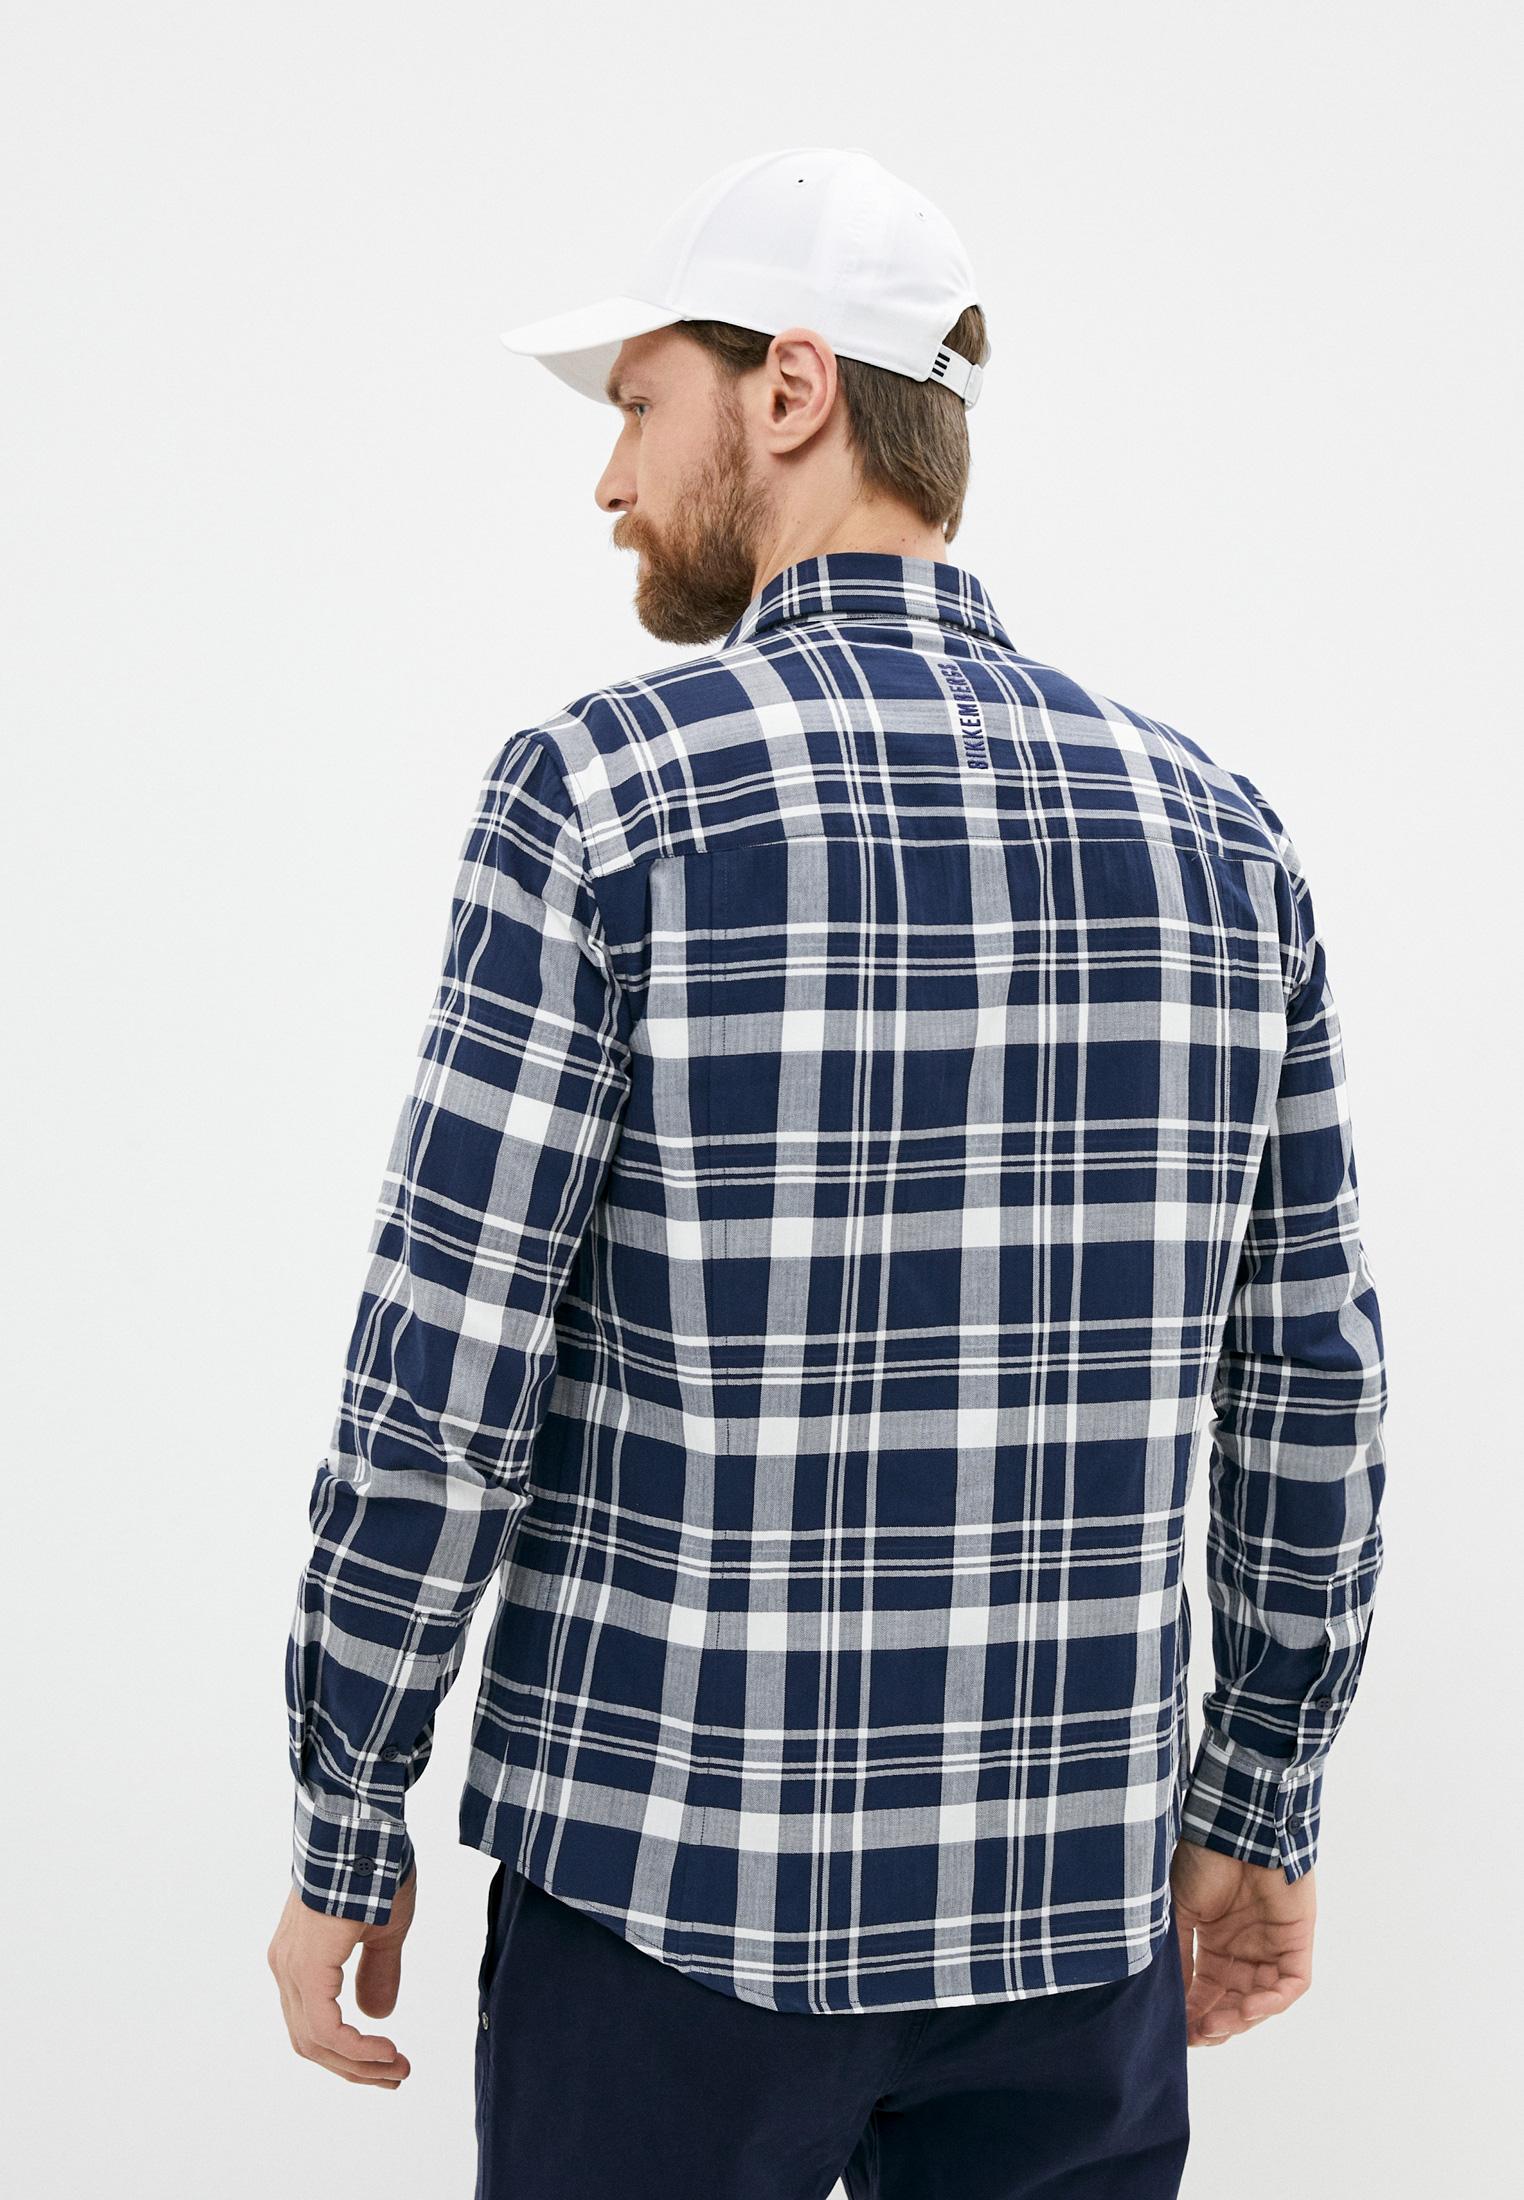 Рубашка с длинным рукавом Bikkembergs (Биккембергс) C C 009 04 S 3348: изображение 4